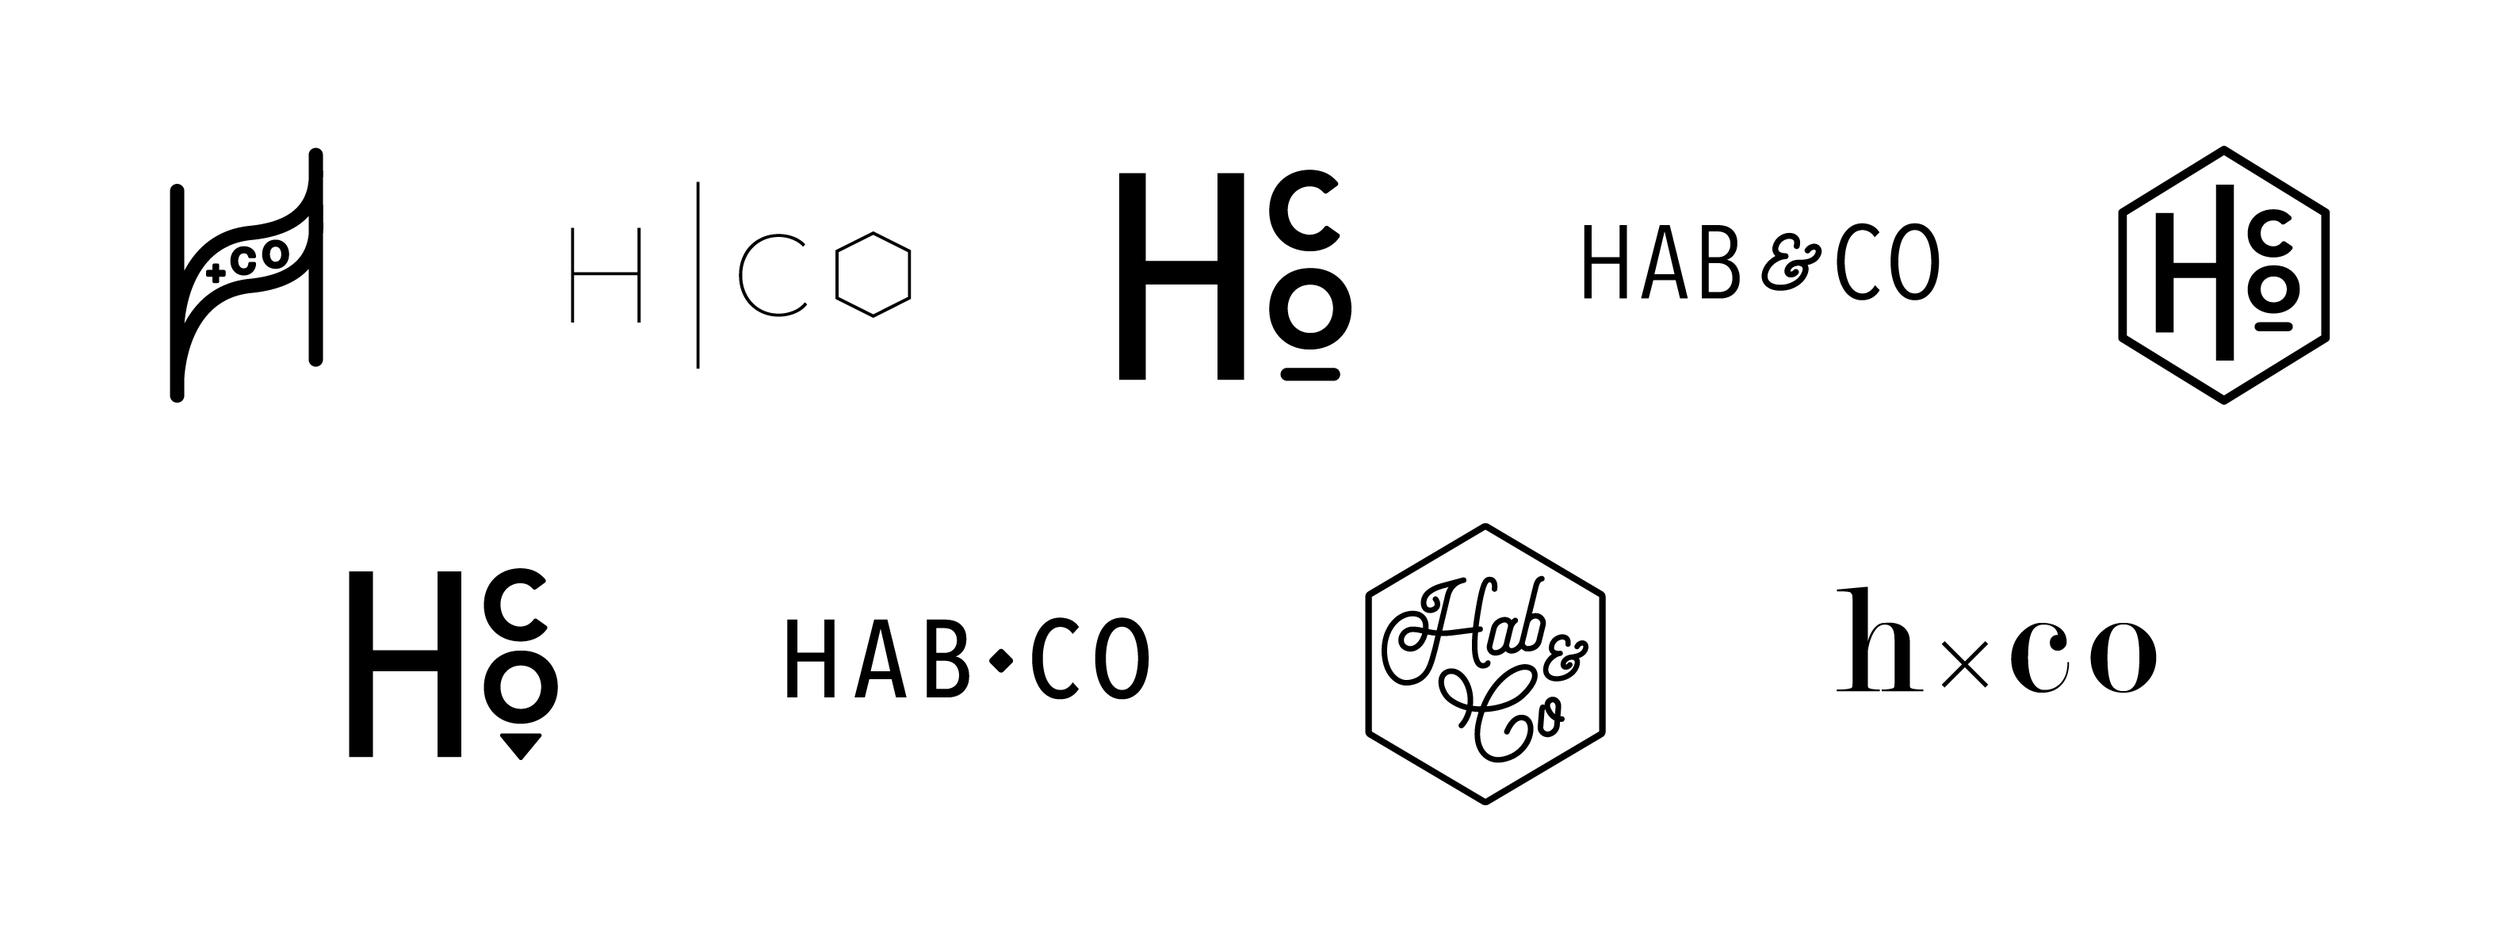 haberdashery-options